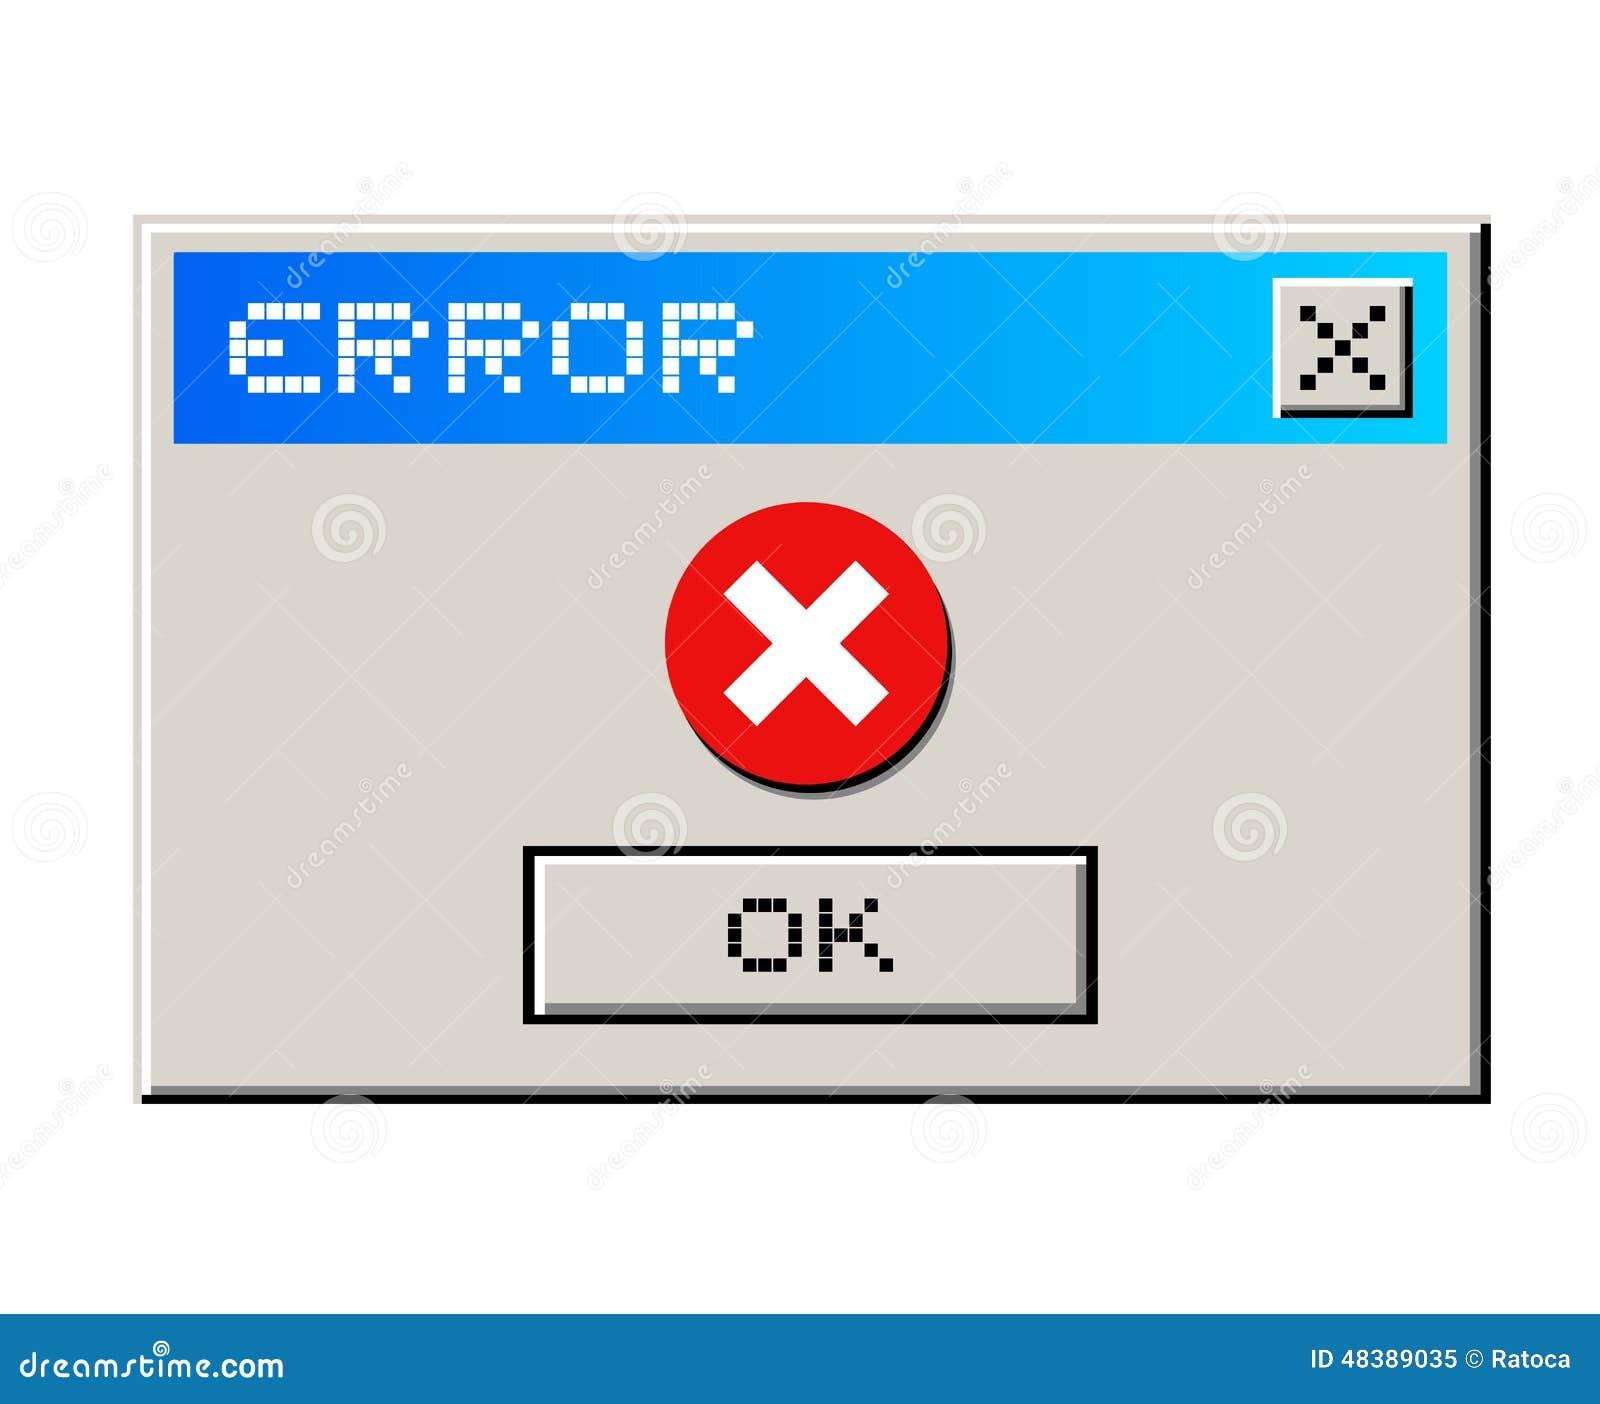 Error Message Stock Vector - Image: 48389035